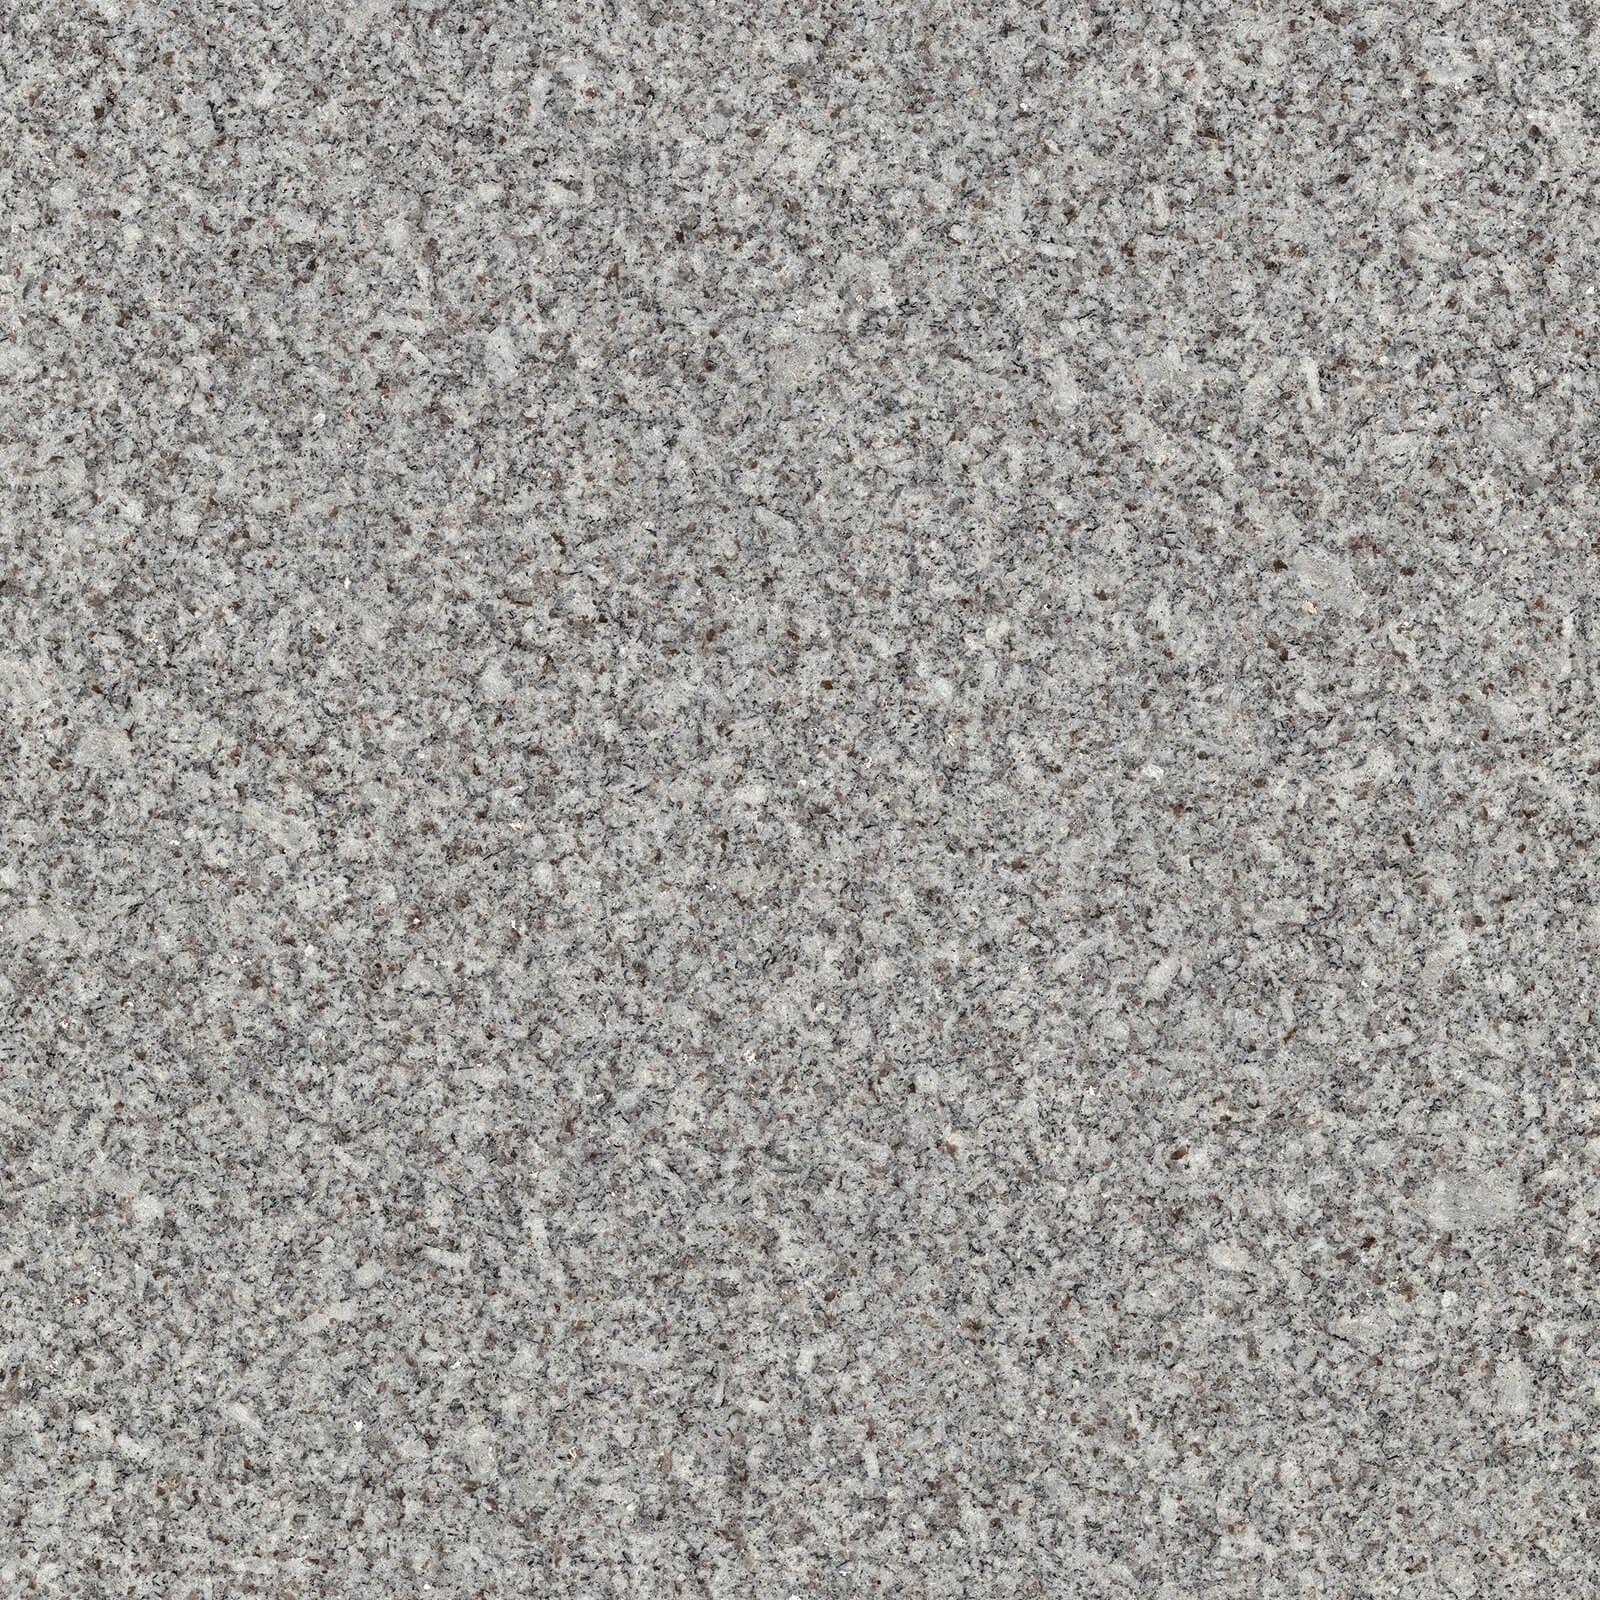 Concord Gray Polycor Natural Stone North America Gray Granite Grey Granite Honed Granite Granite